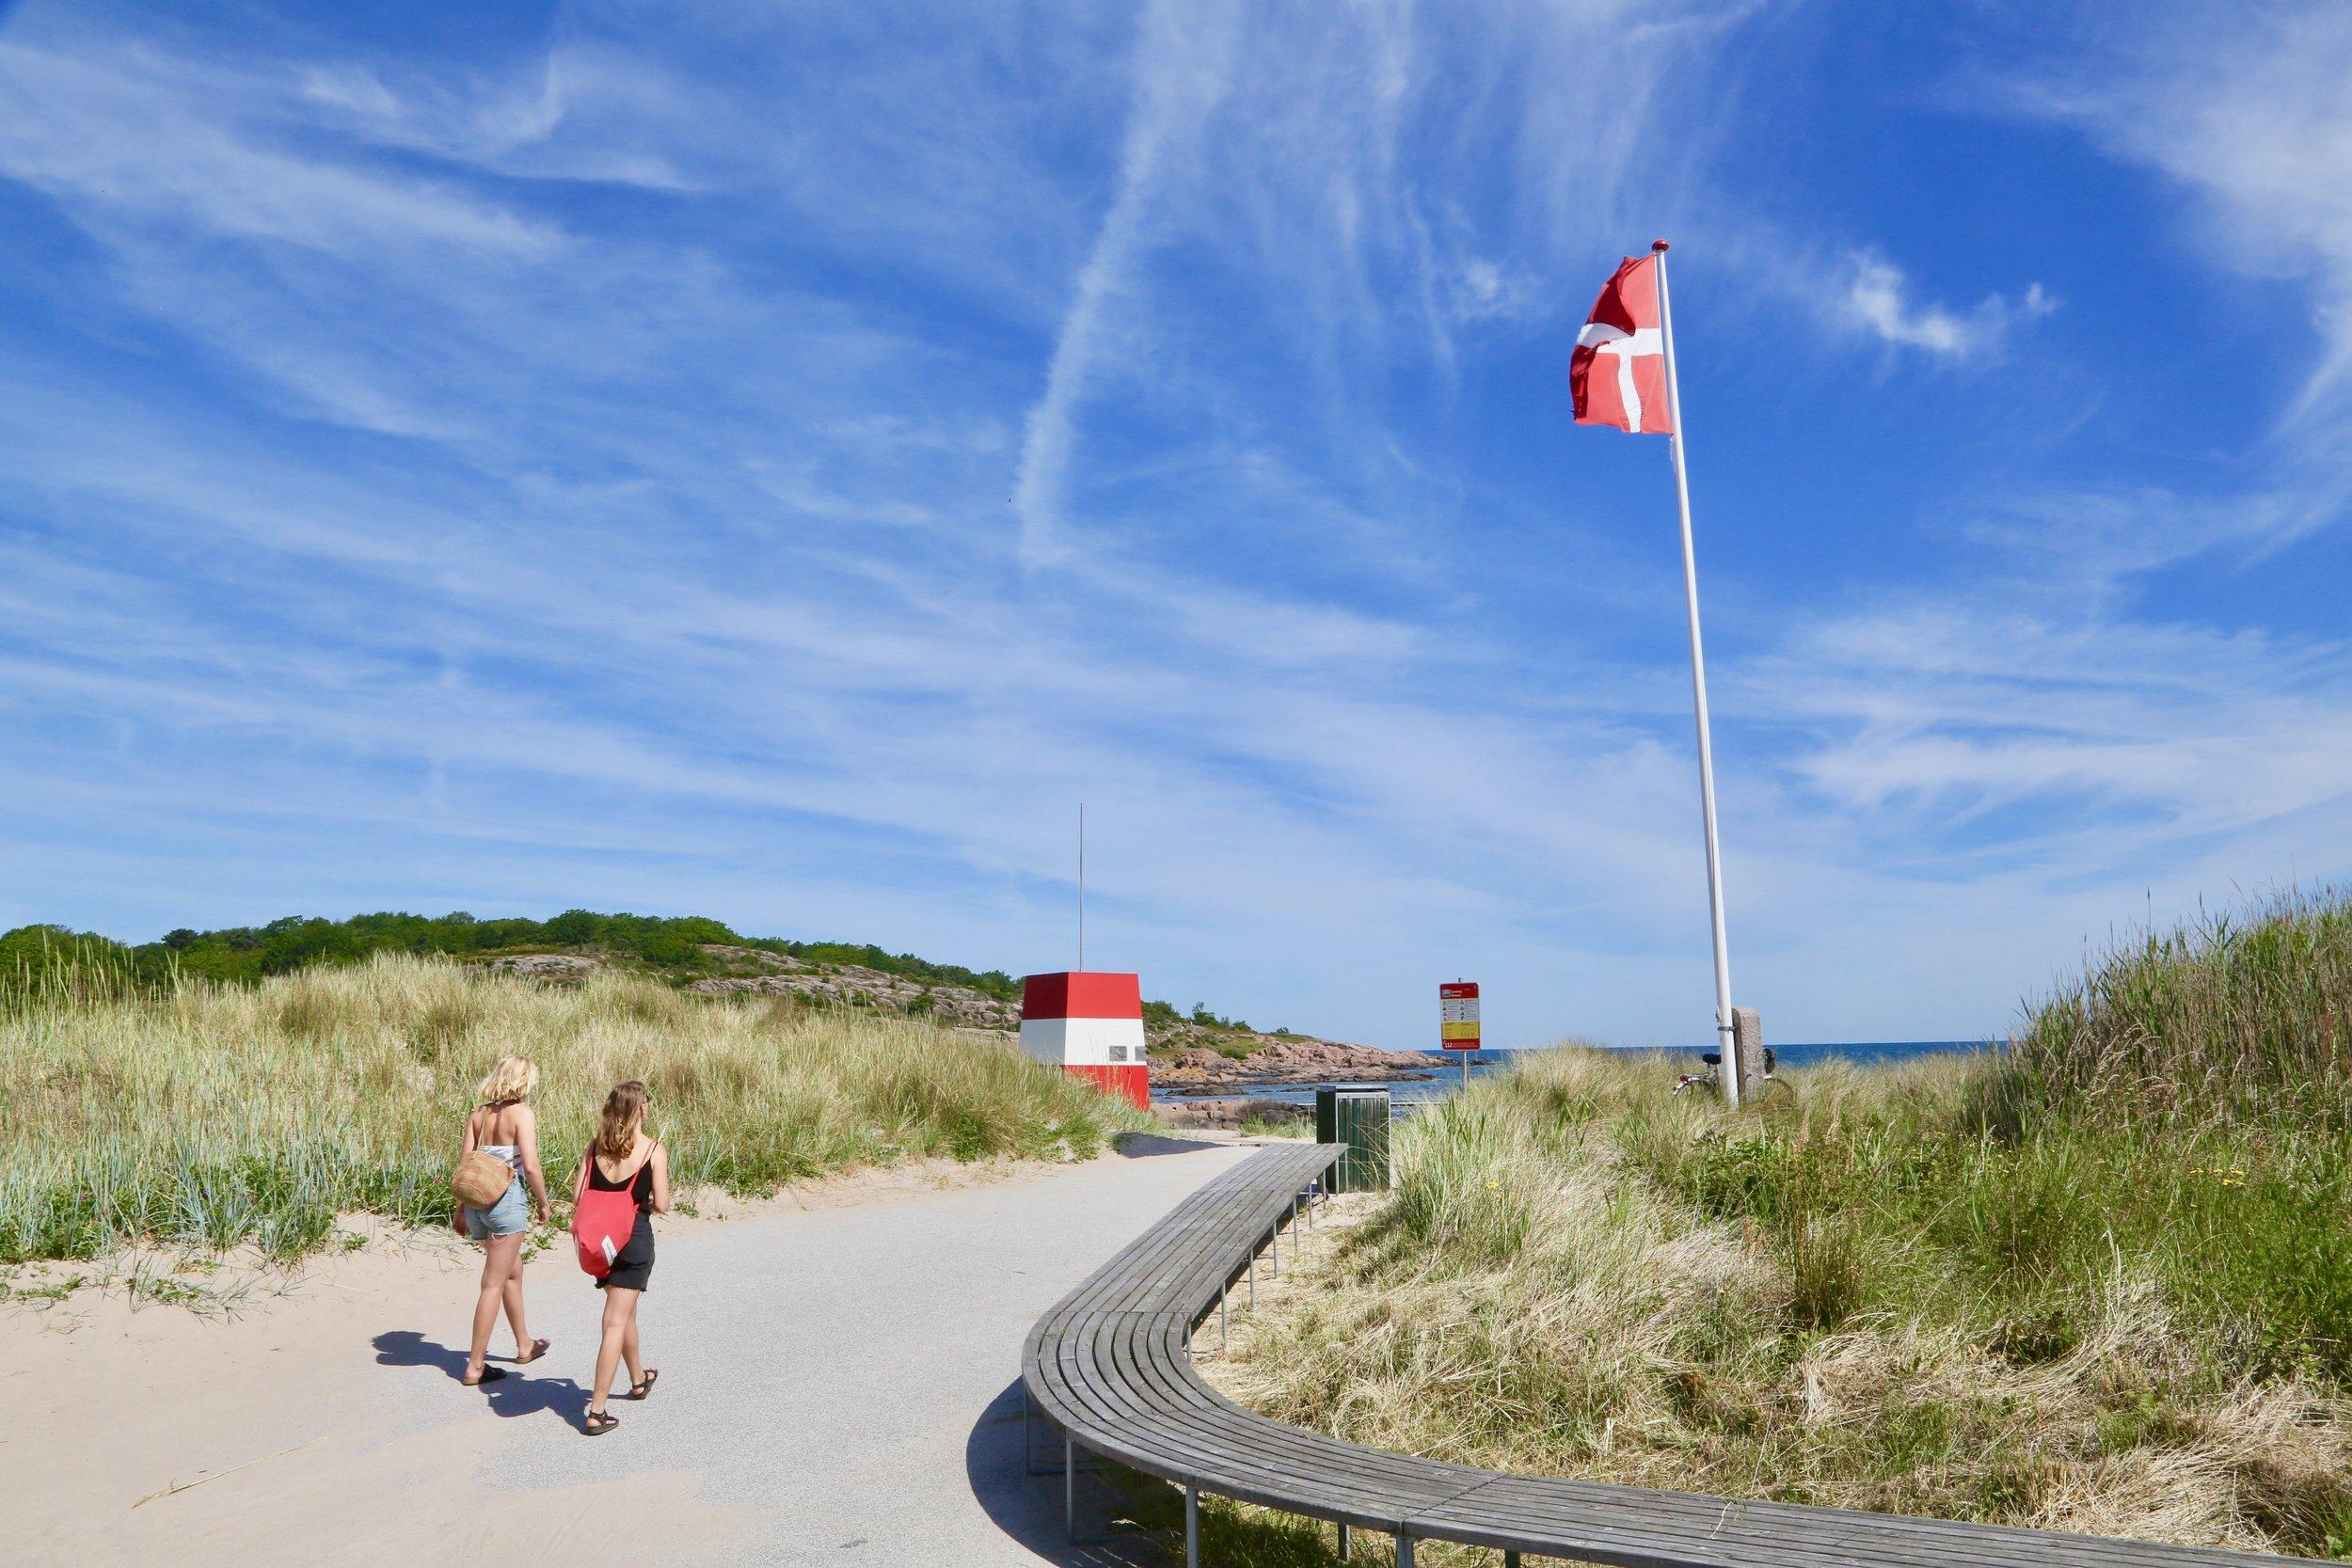 Dra på badeferie til Bornholm i høst. Det er billig - og veldig bra. Alle bilder: Odd Roar Lange